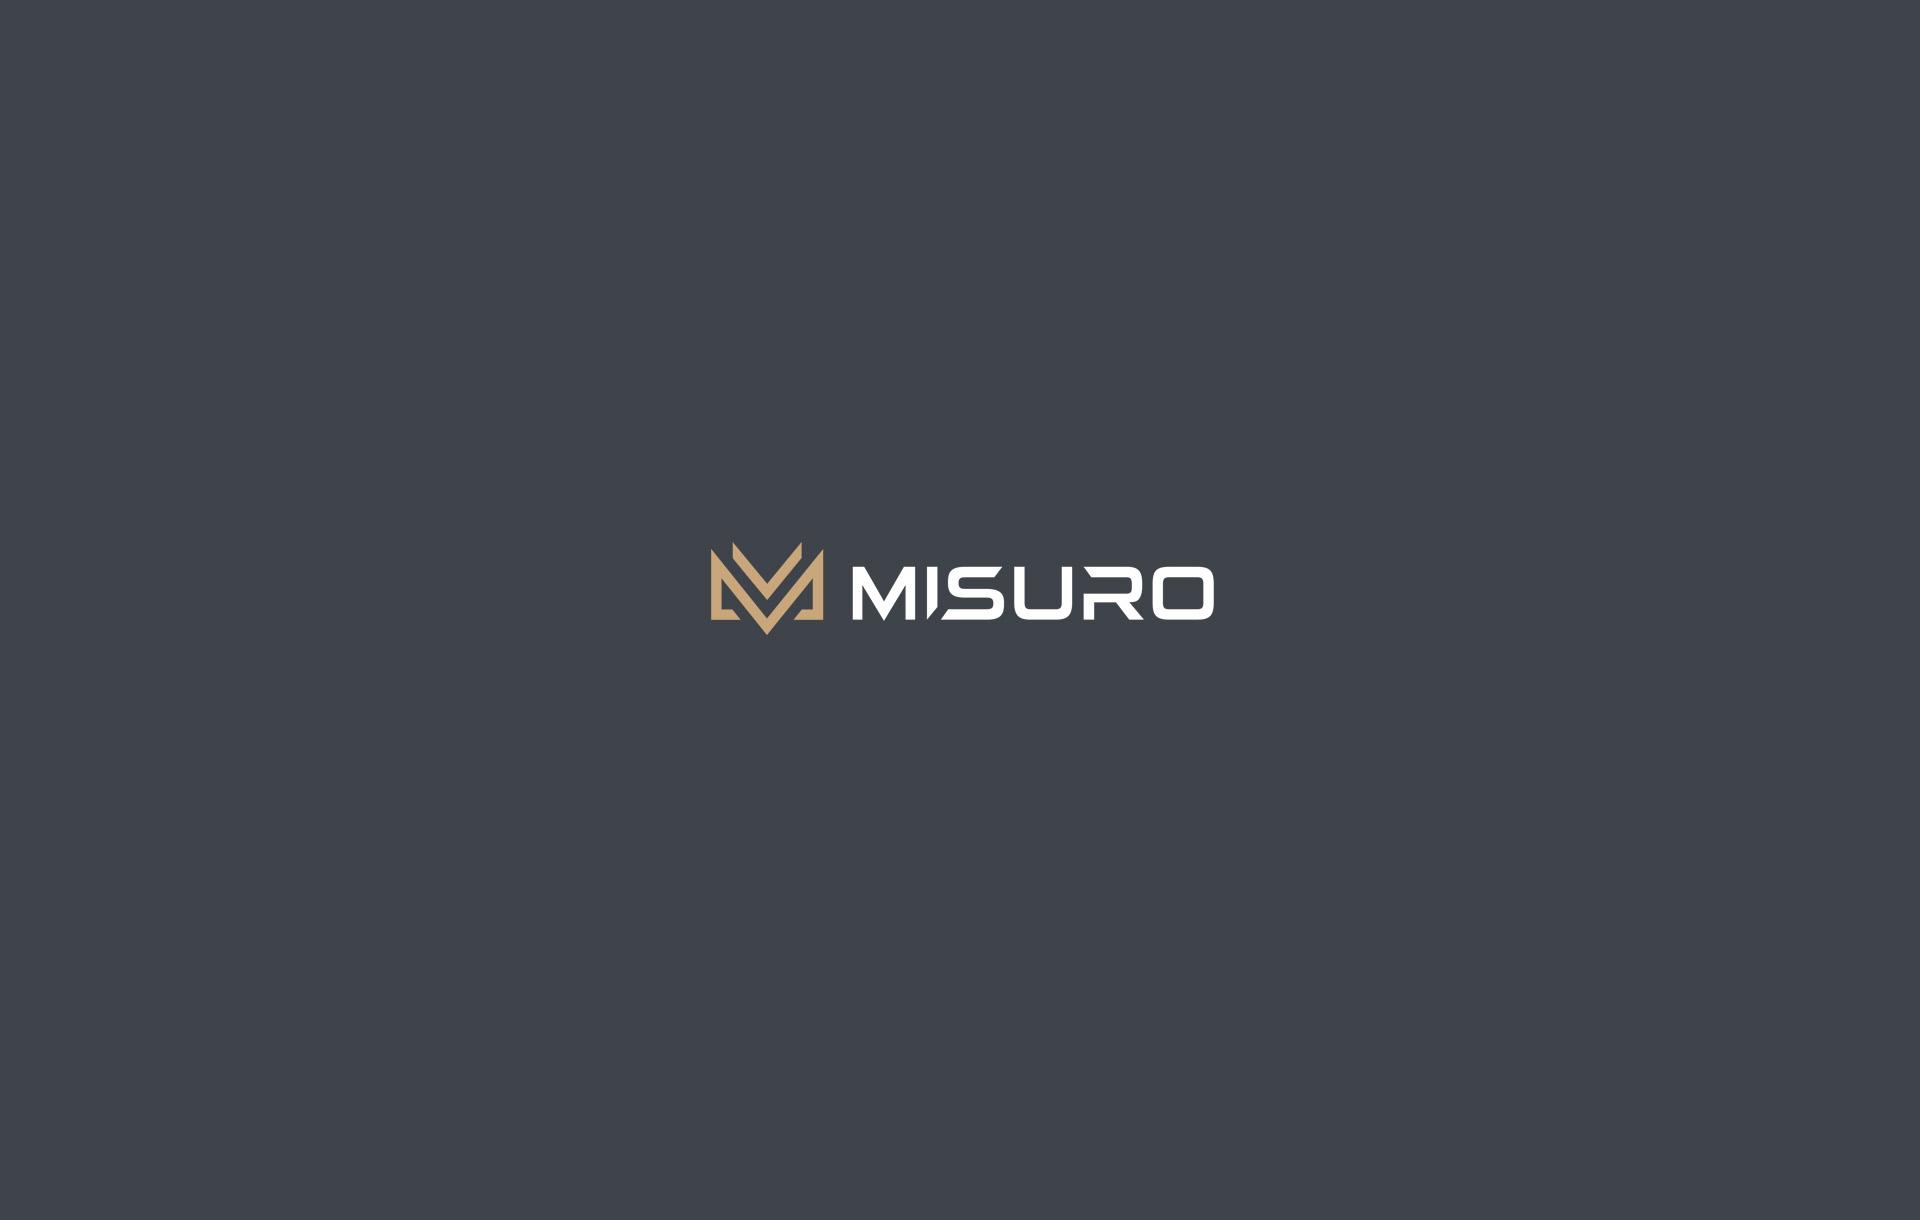 Nowoczesny projekt logo dla formy produkującej meble i montaż mebli